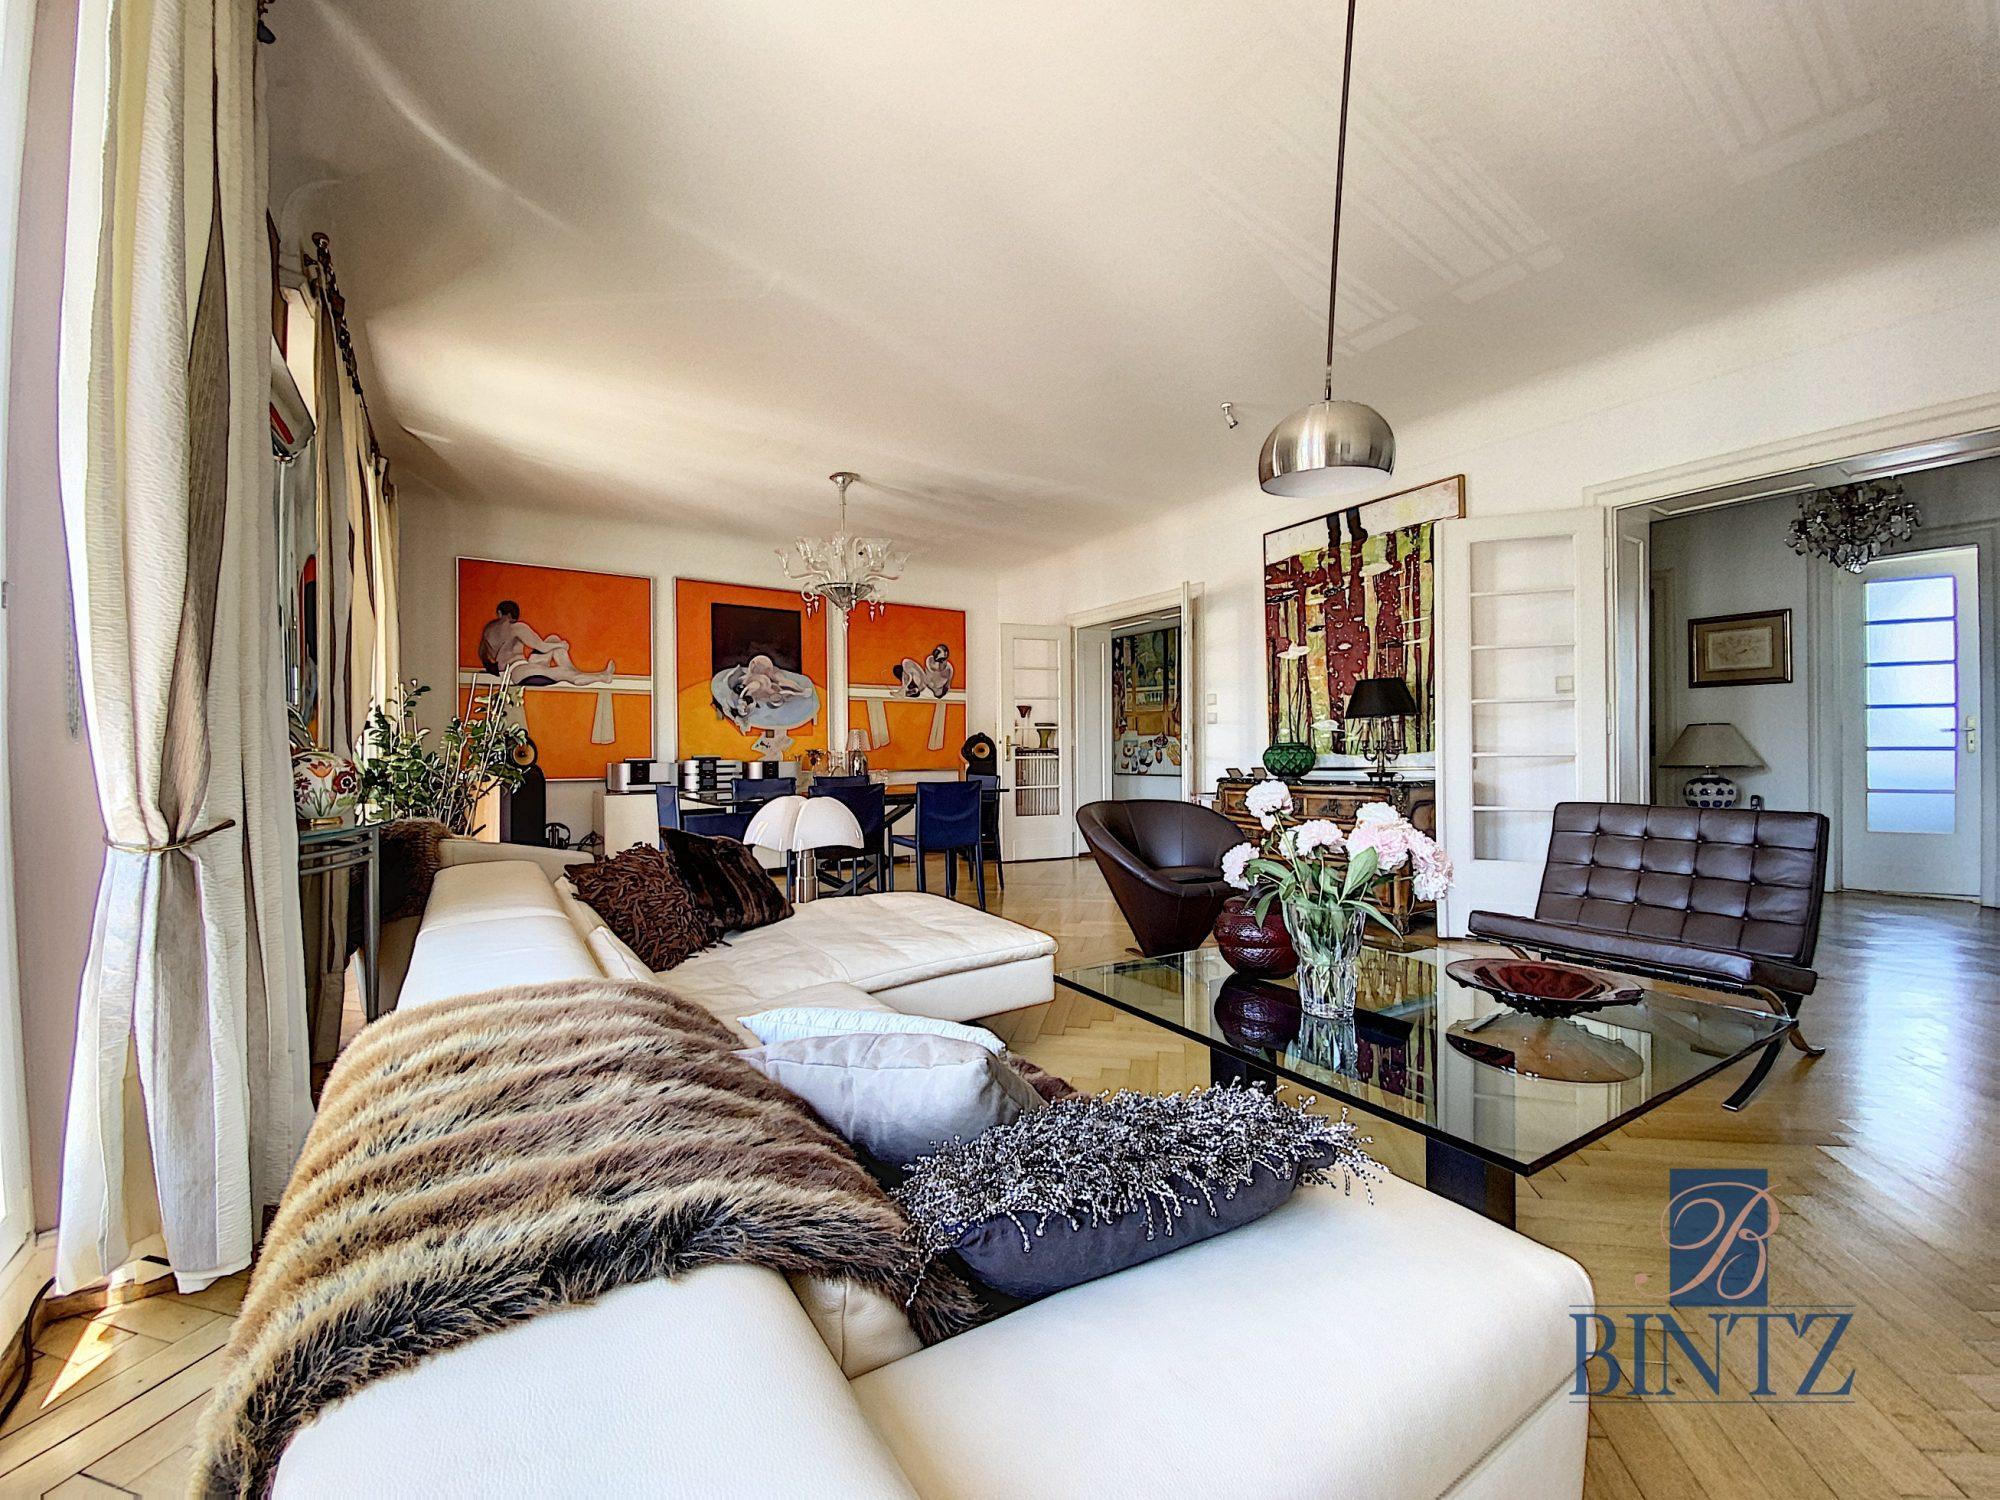 5 PIÈCES QUARTIER DES HALLES - Devenez propriétaire en toute confiance - Bintz Immobilier - 4